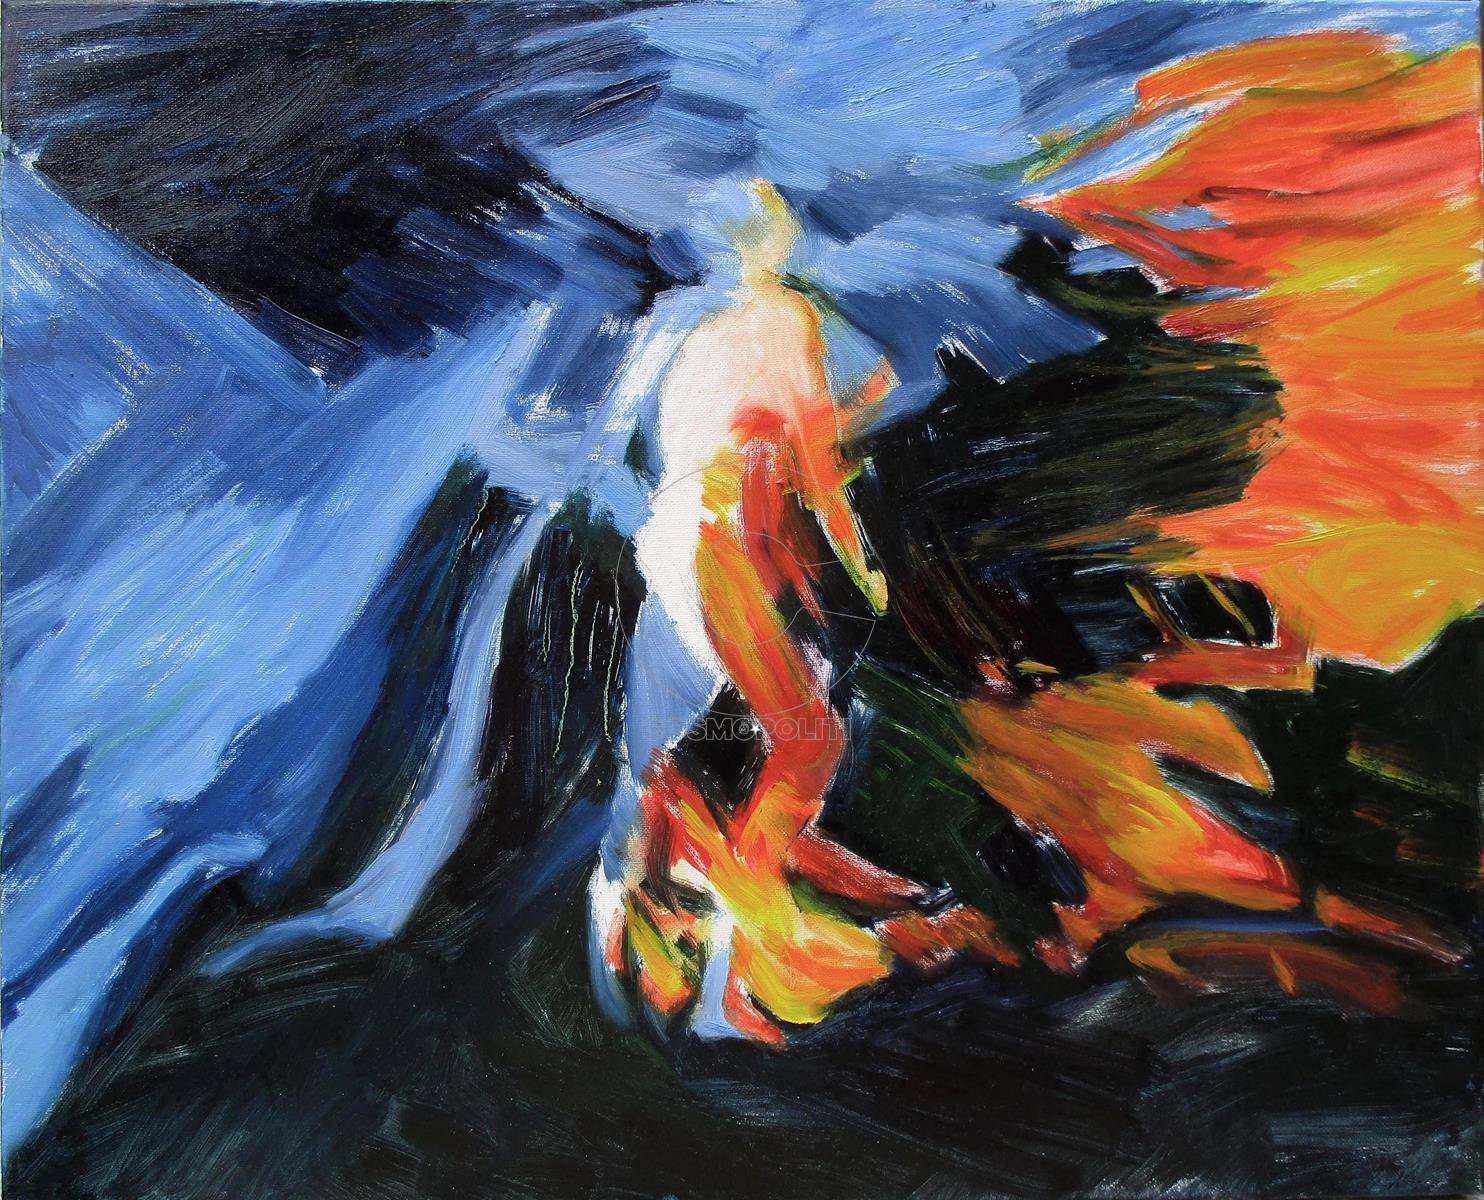 Μαρία Ντάρλα - Maria Darla, Κατακτητής - Conqueror, 40X50cm, Λάδι σε καμβά - Oil on canvas